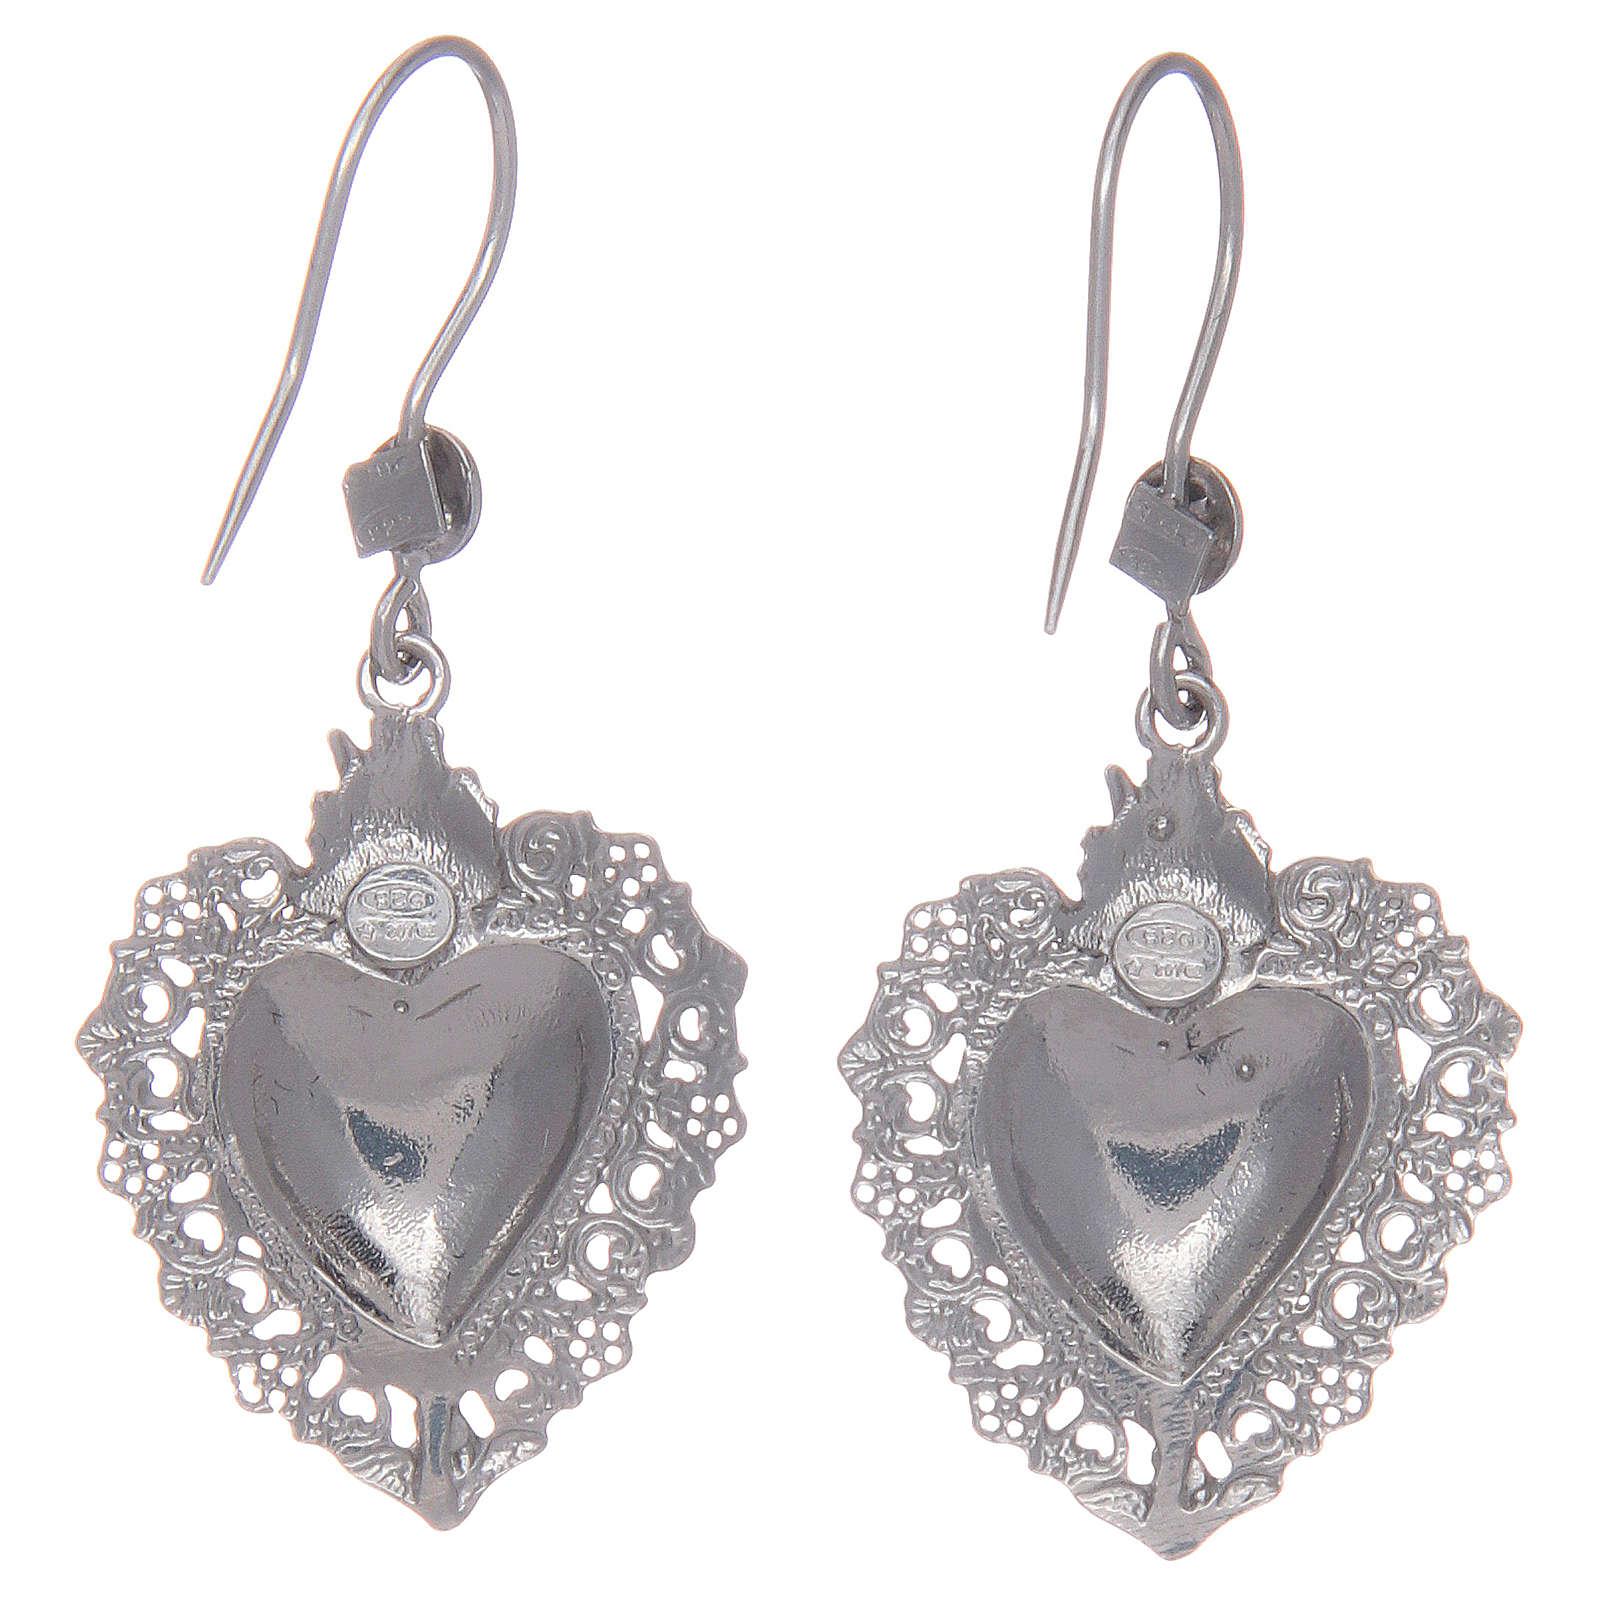 Kolczyki wiszące srebro 925 z sercem ex voto 4